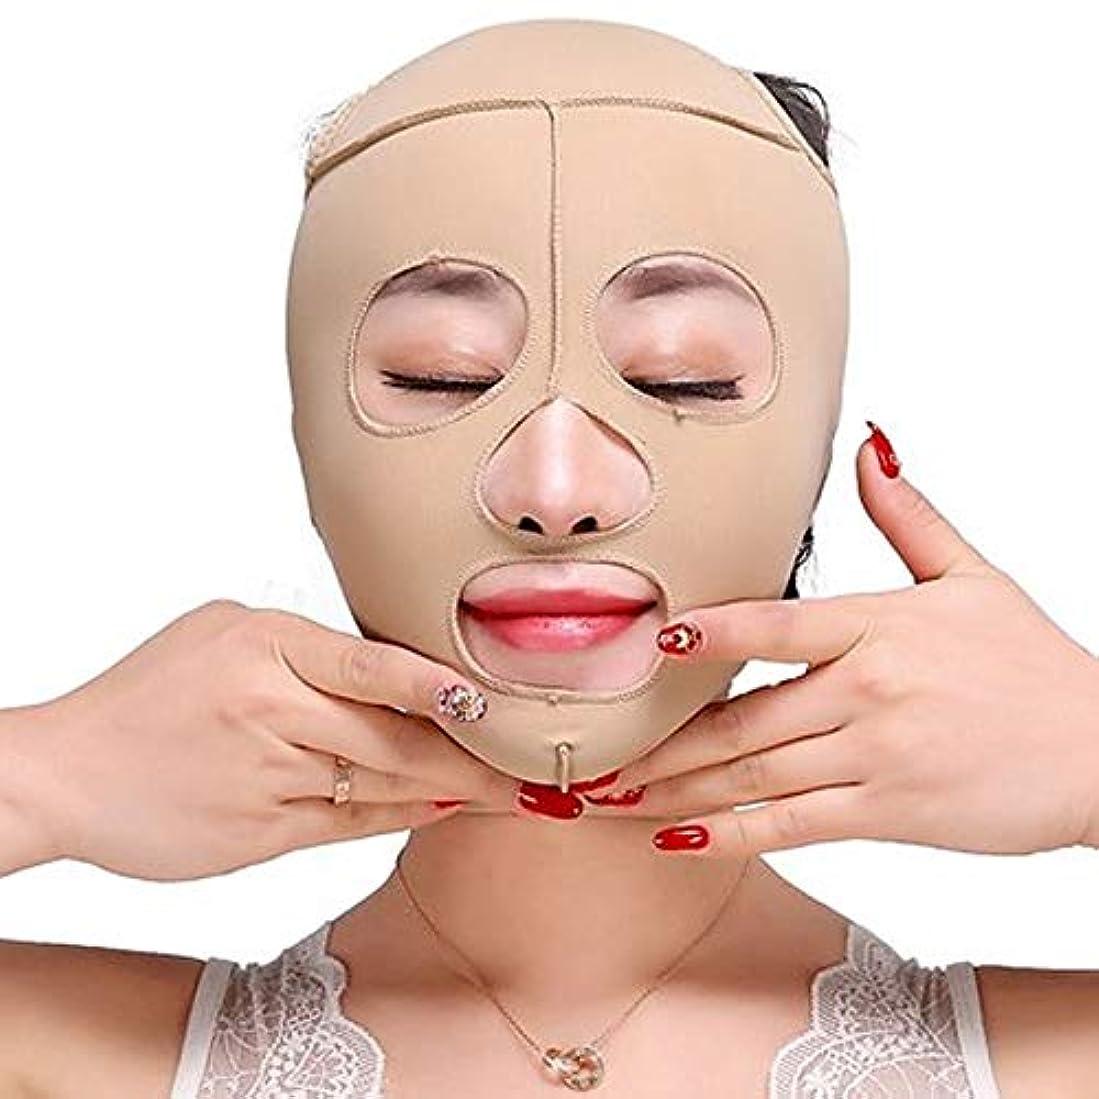 ありそう医療過誤スライスJia Jia- フェイスリフティングアーティファクト睡眠薄い顔顔の顔薄い顔V顔マスク二重あご薄い顔包帯肌色 顔面包帯 (サイズ さいず : XL)